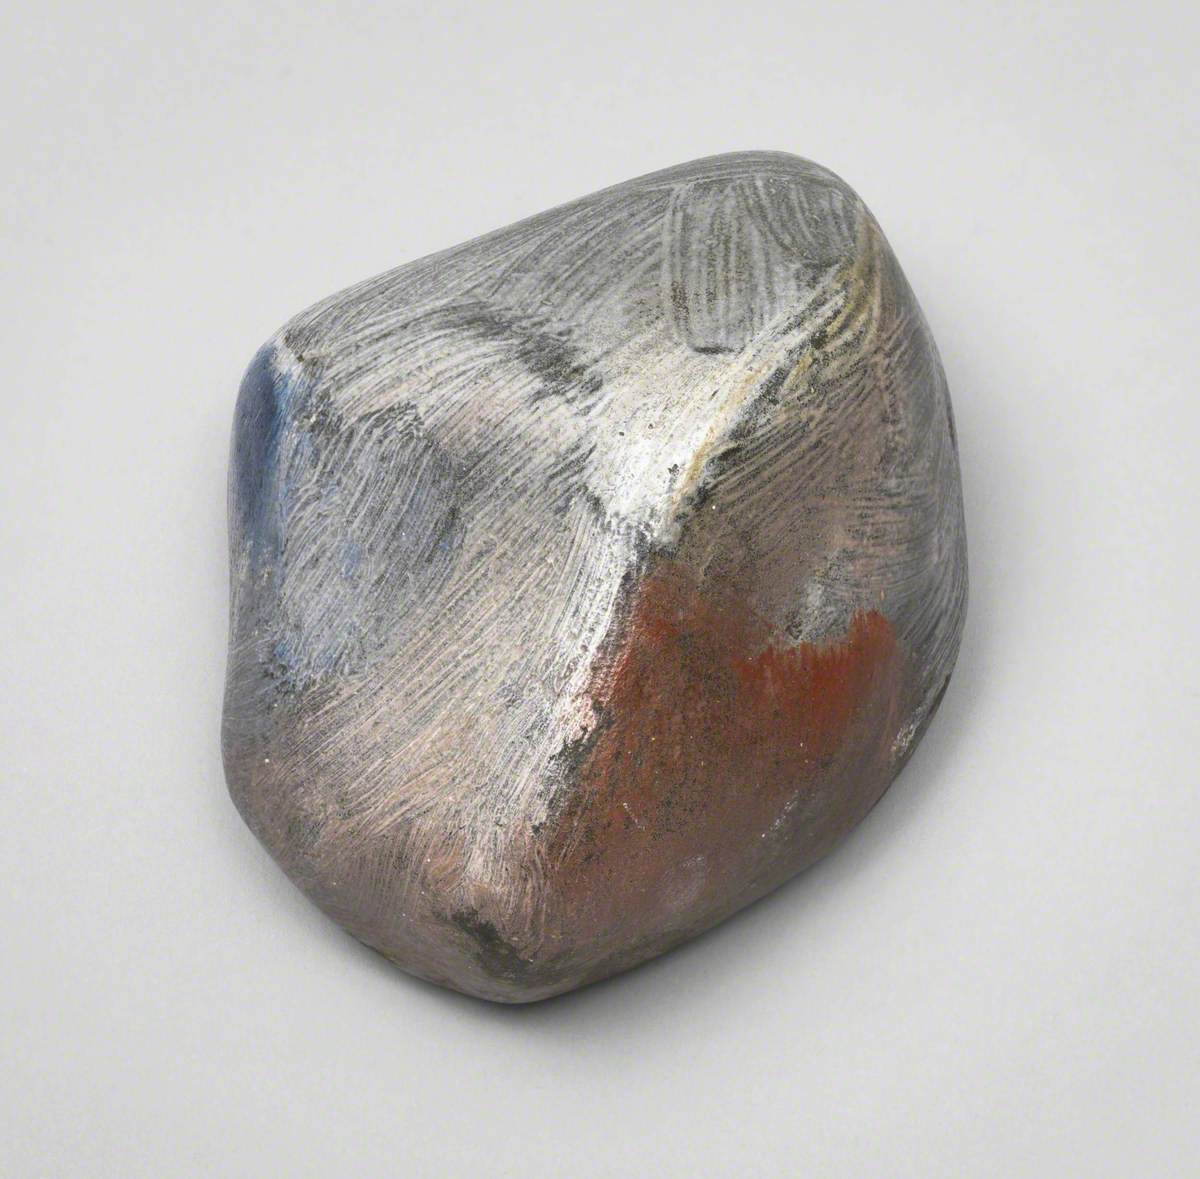 Untitled (Stone)